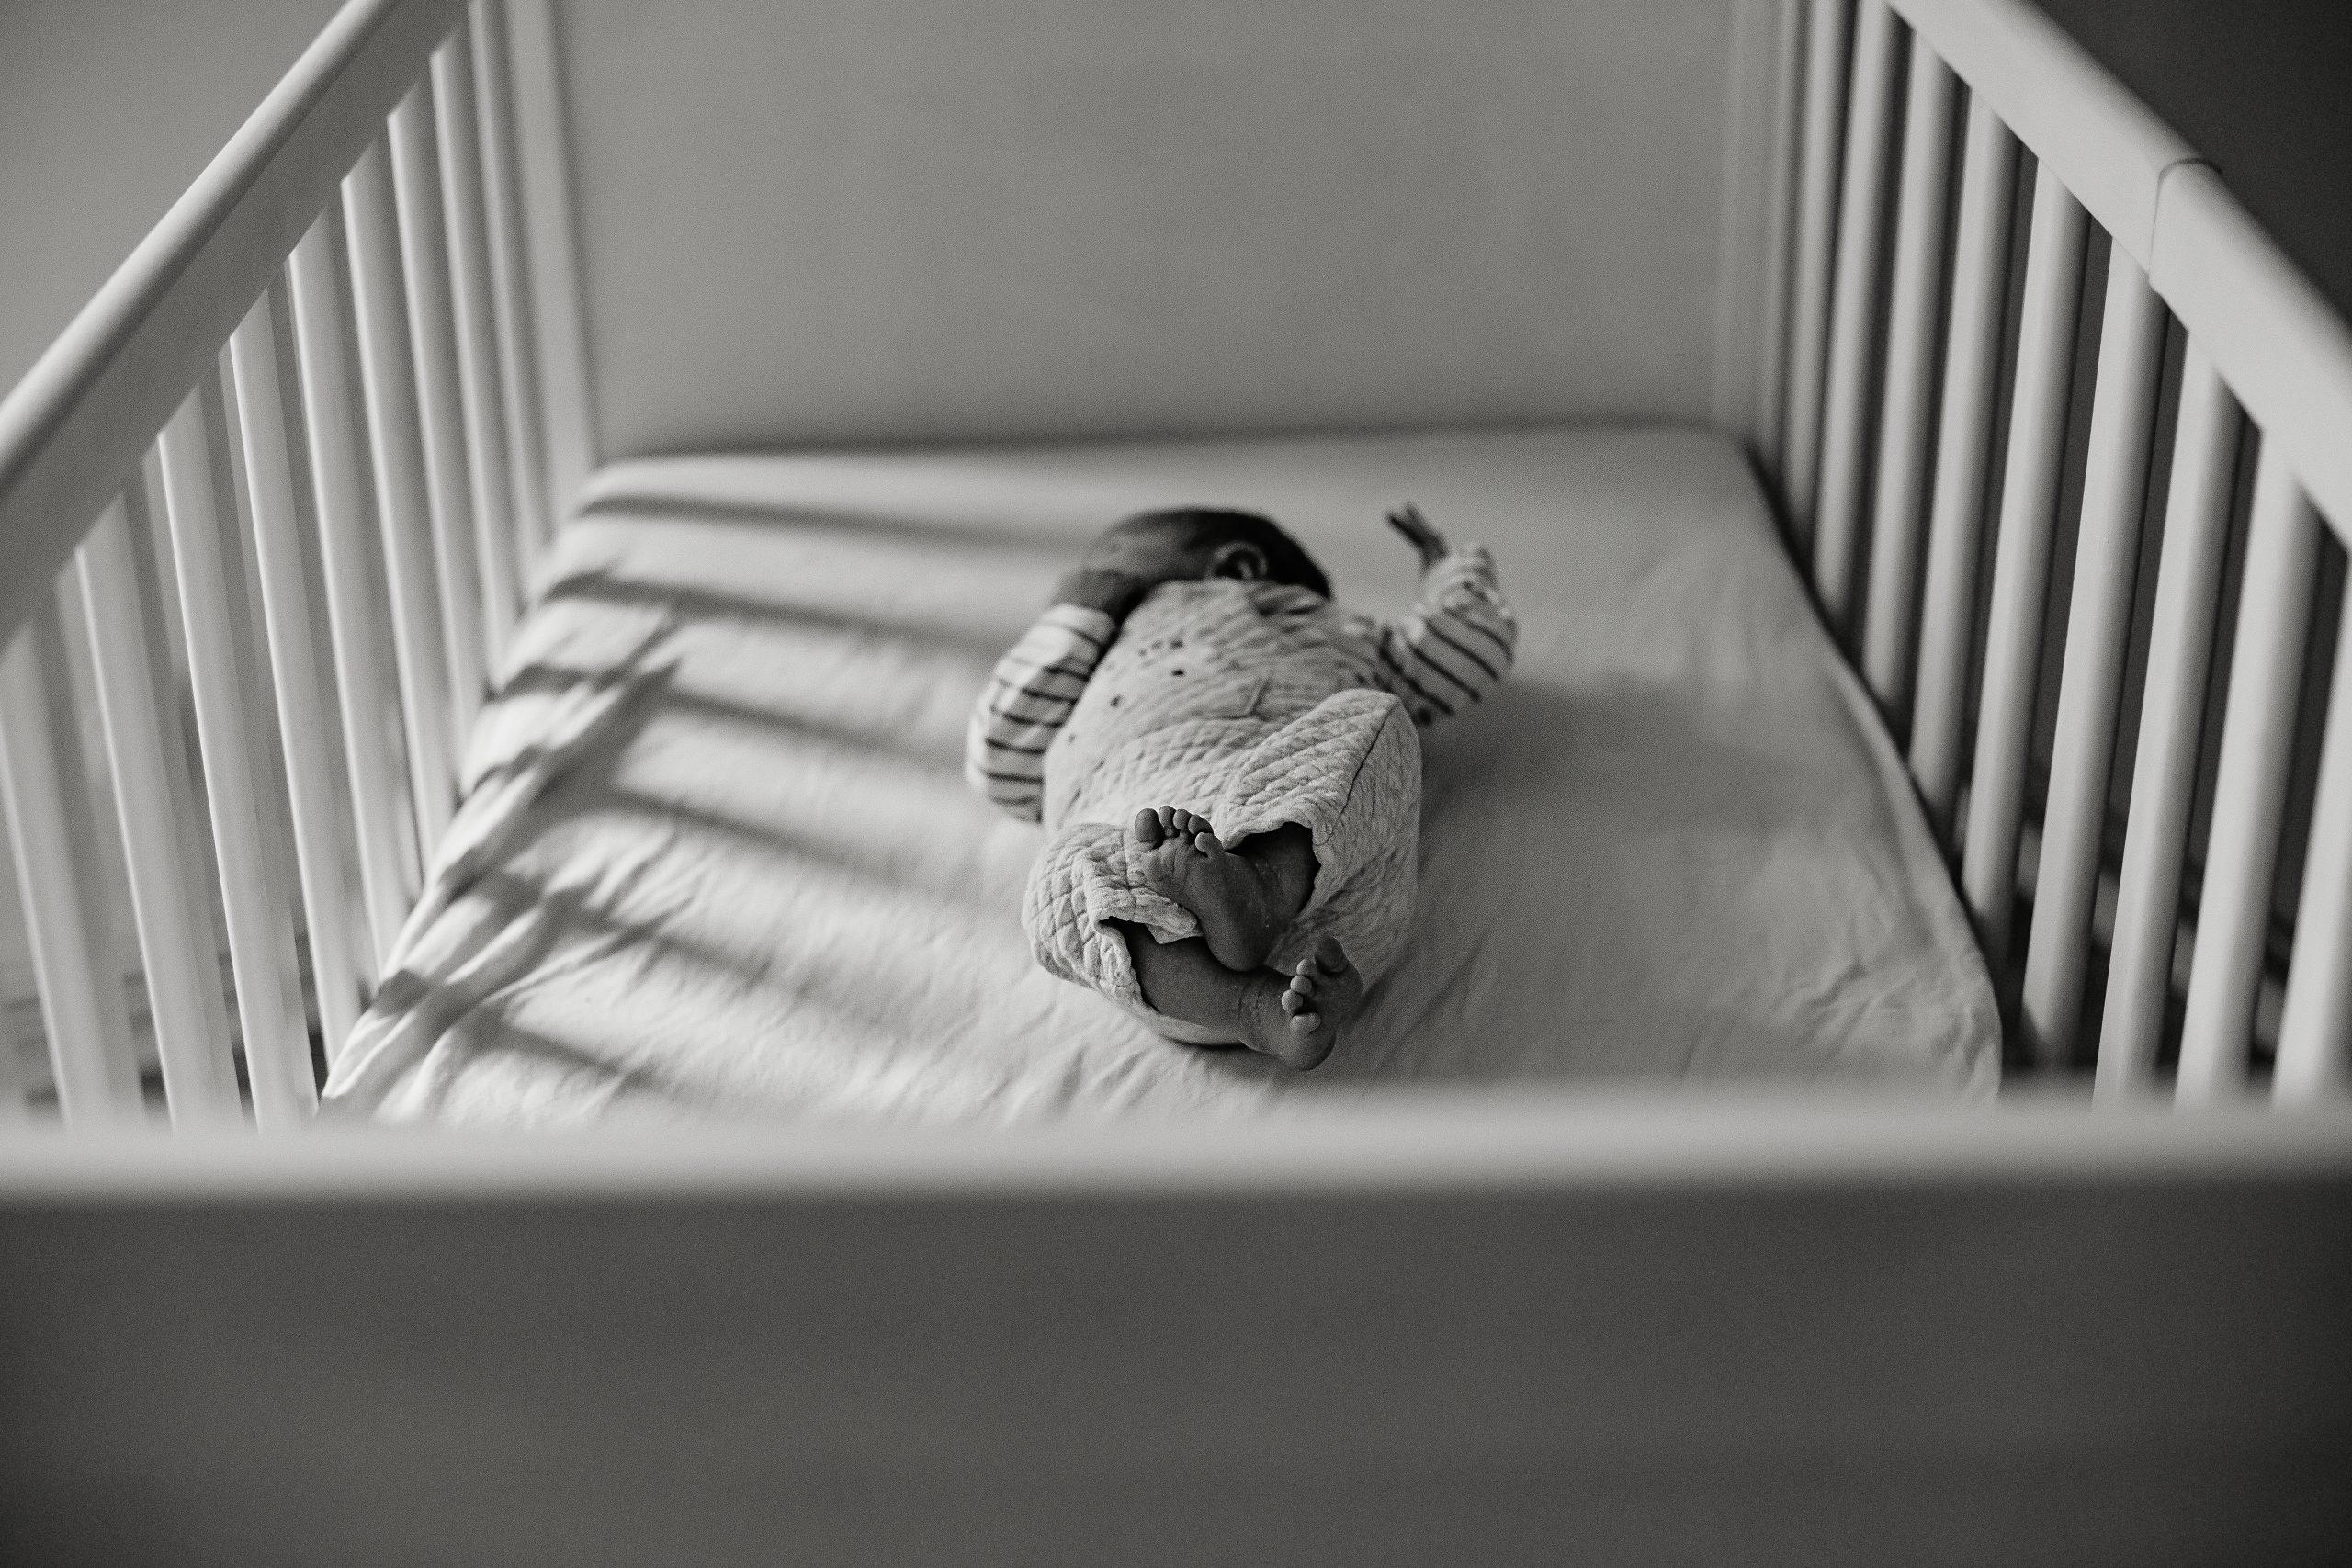 Virginie M. Photos-séance à domicile-bébé-naissance-lifestyle-amour-famille-photographe Lille-Nord-Lille-photos-nouveau né (3)